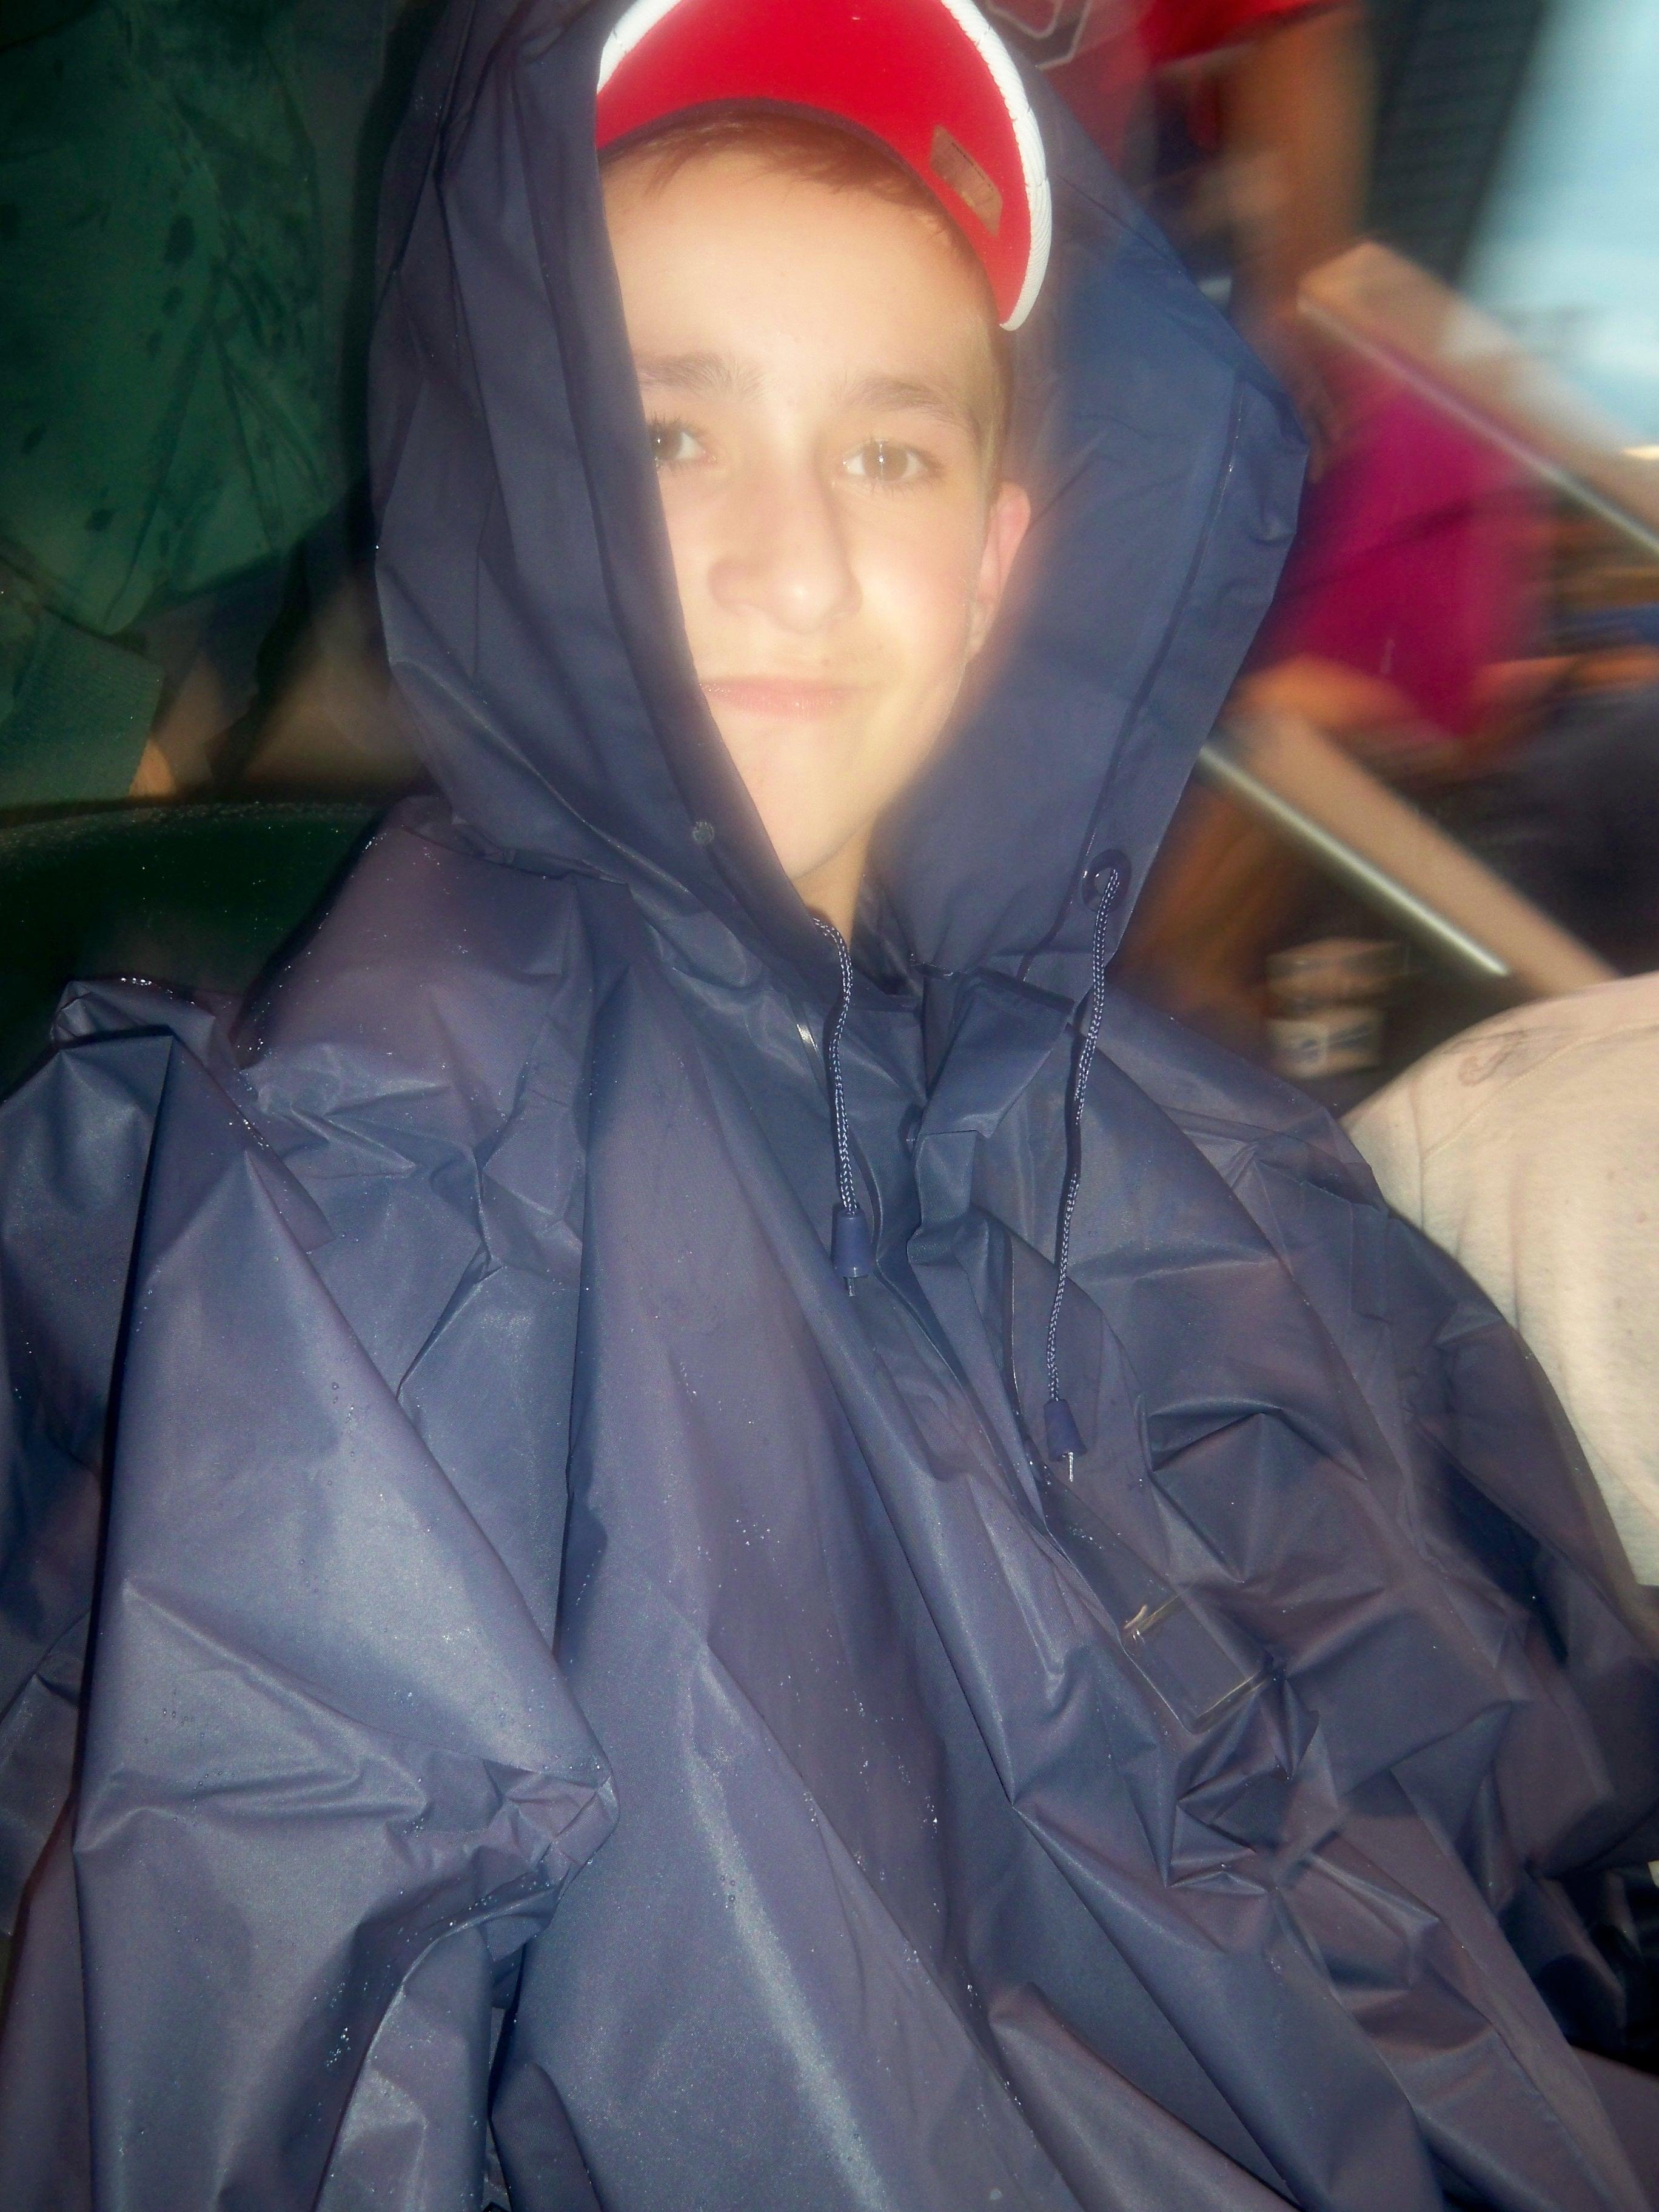 Cody in poncho